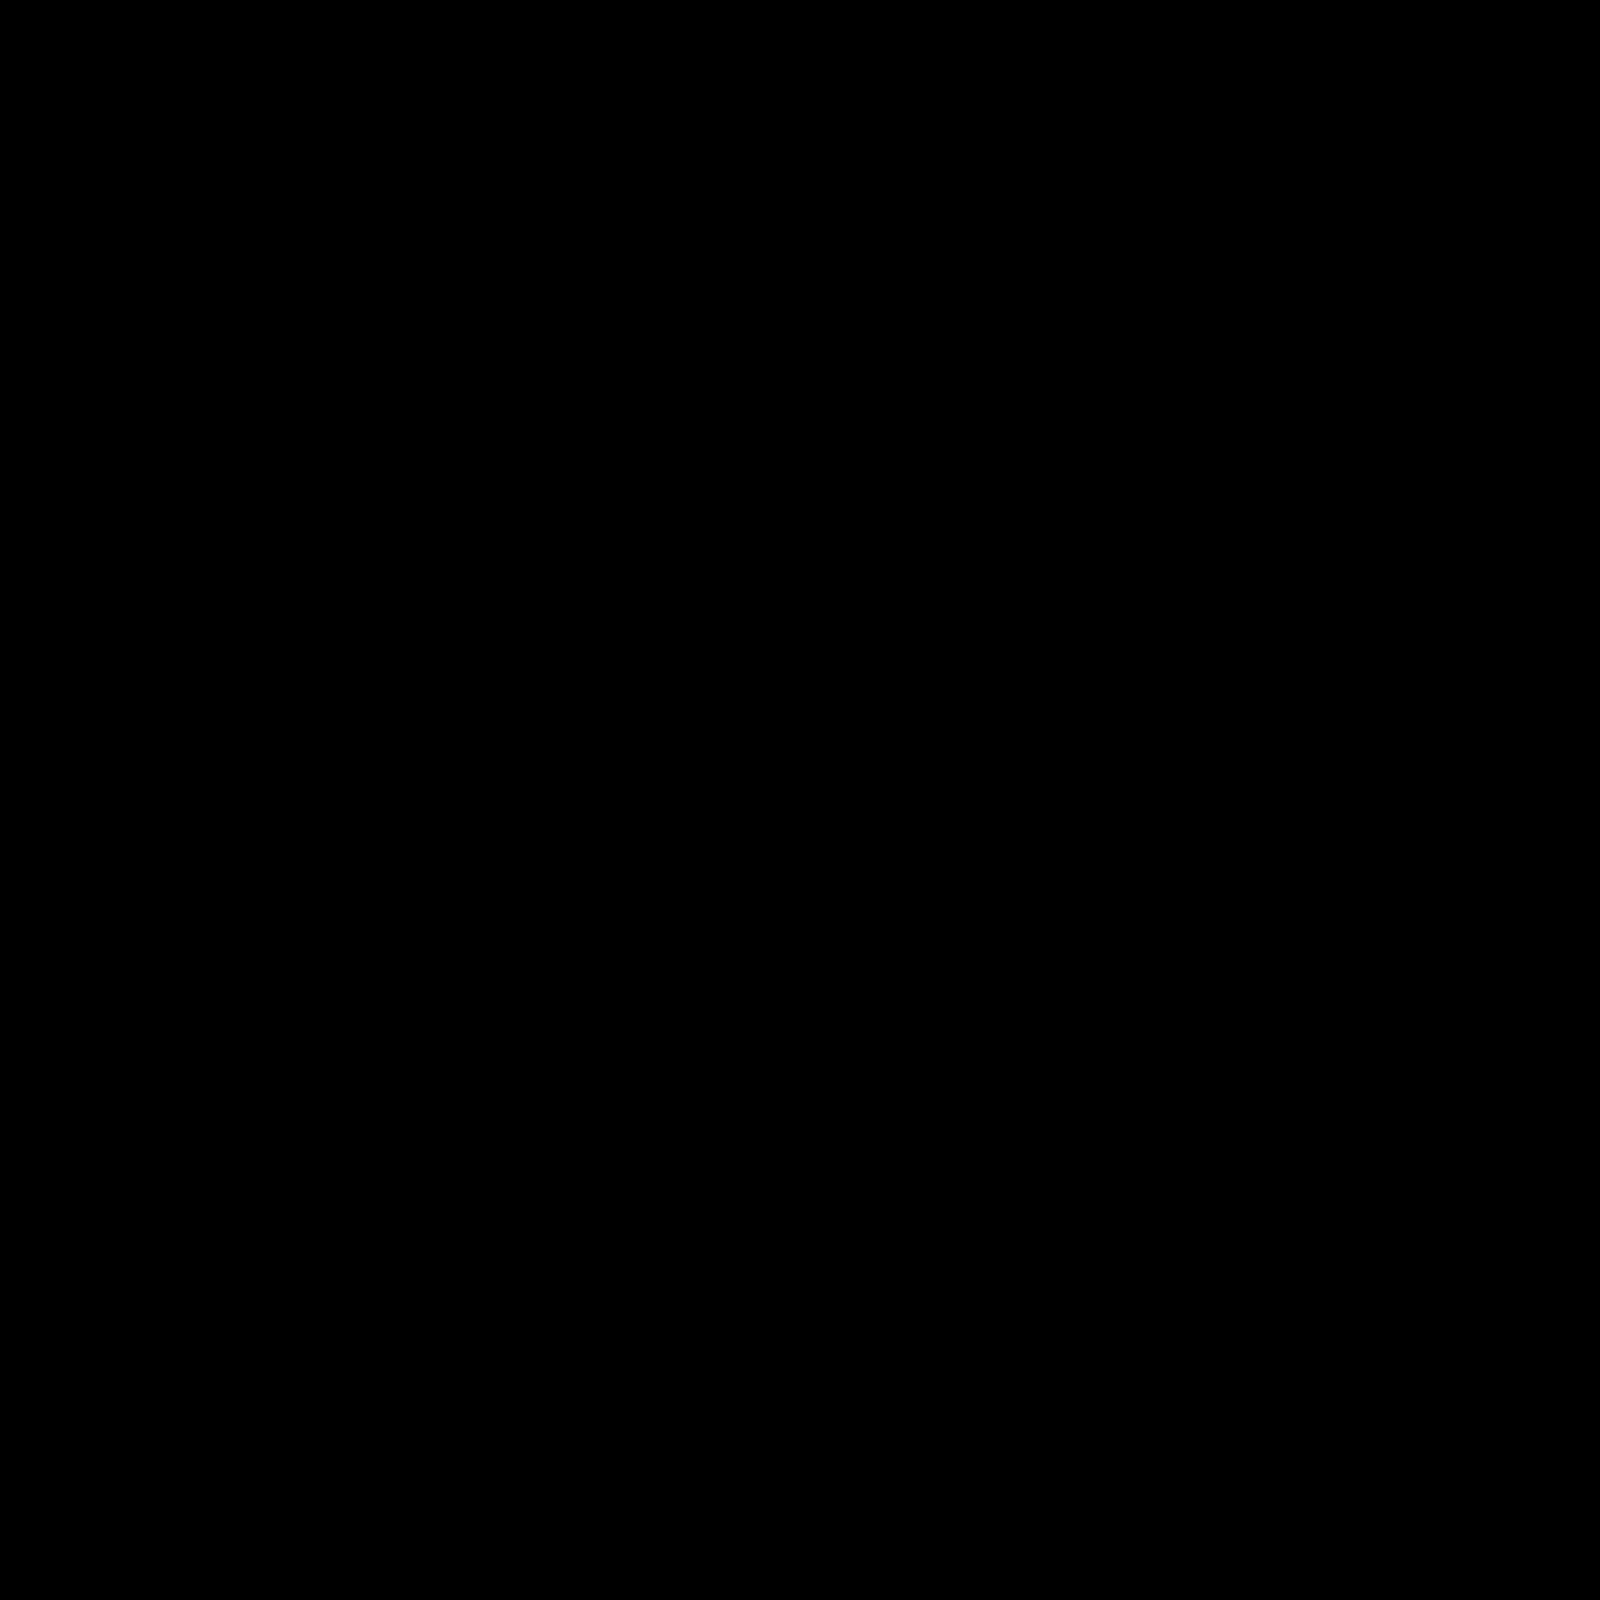 Звук в комнате icon